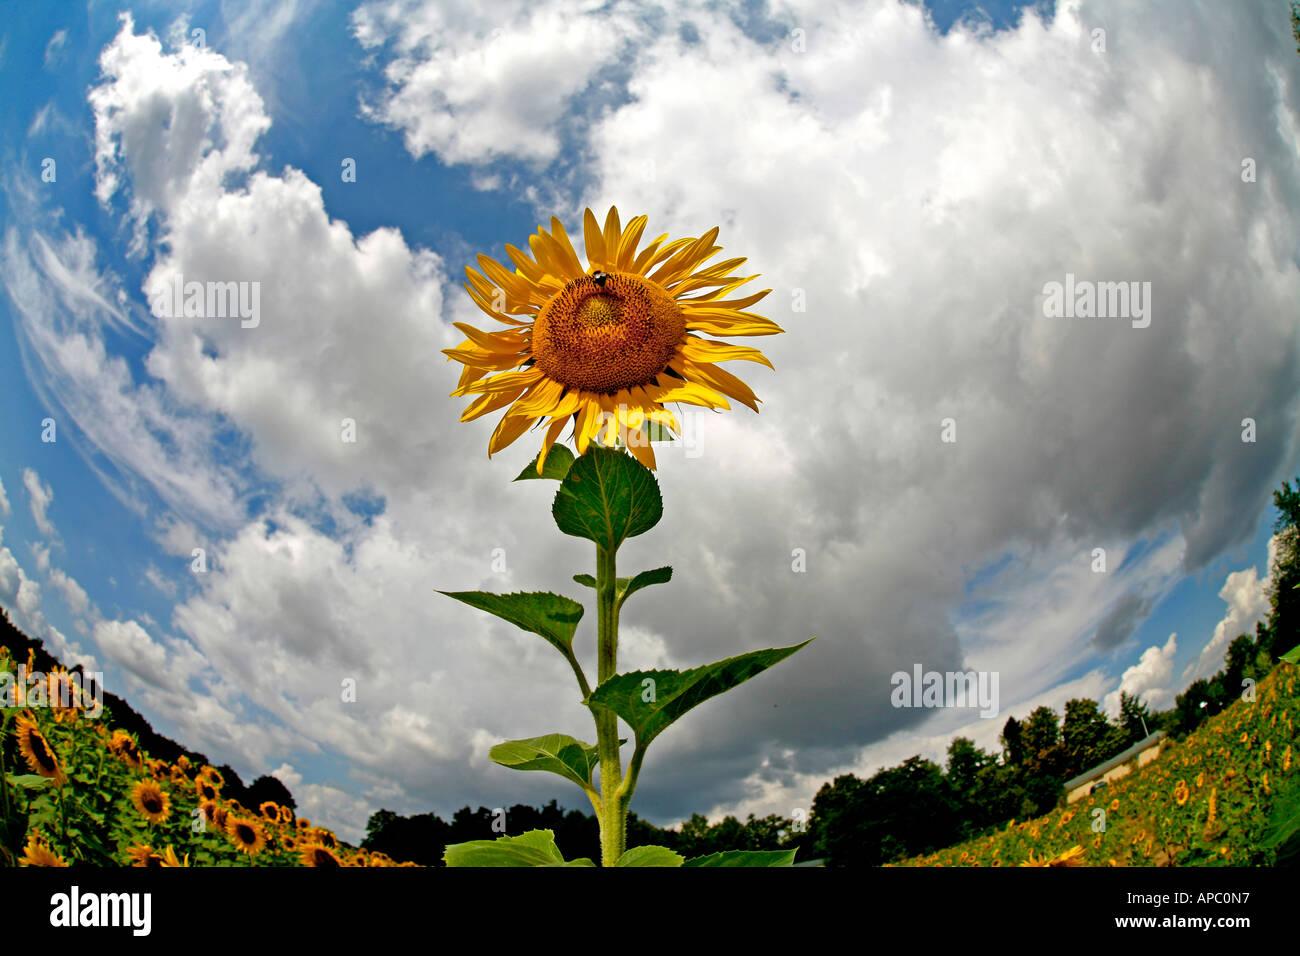 Contorsion Stock Photos & Contorsion Stock Images - Alamy